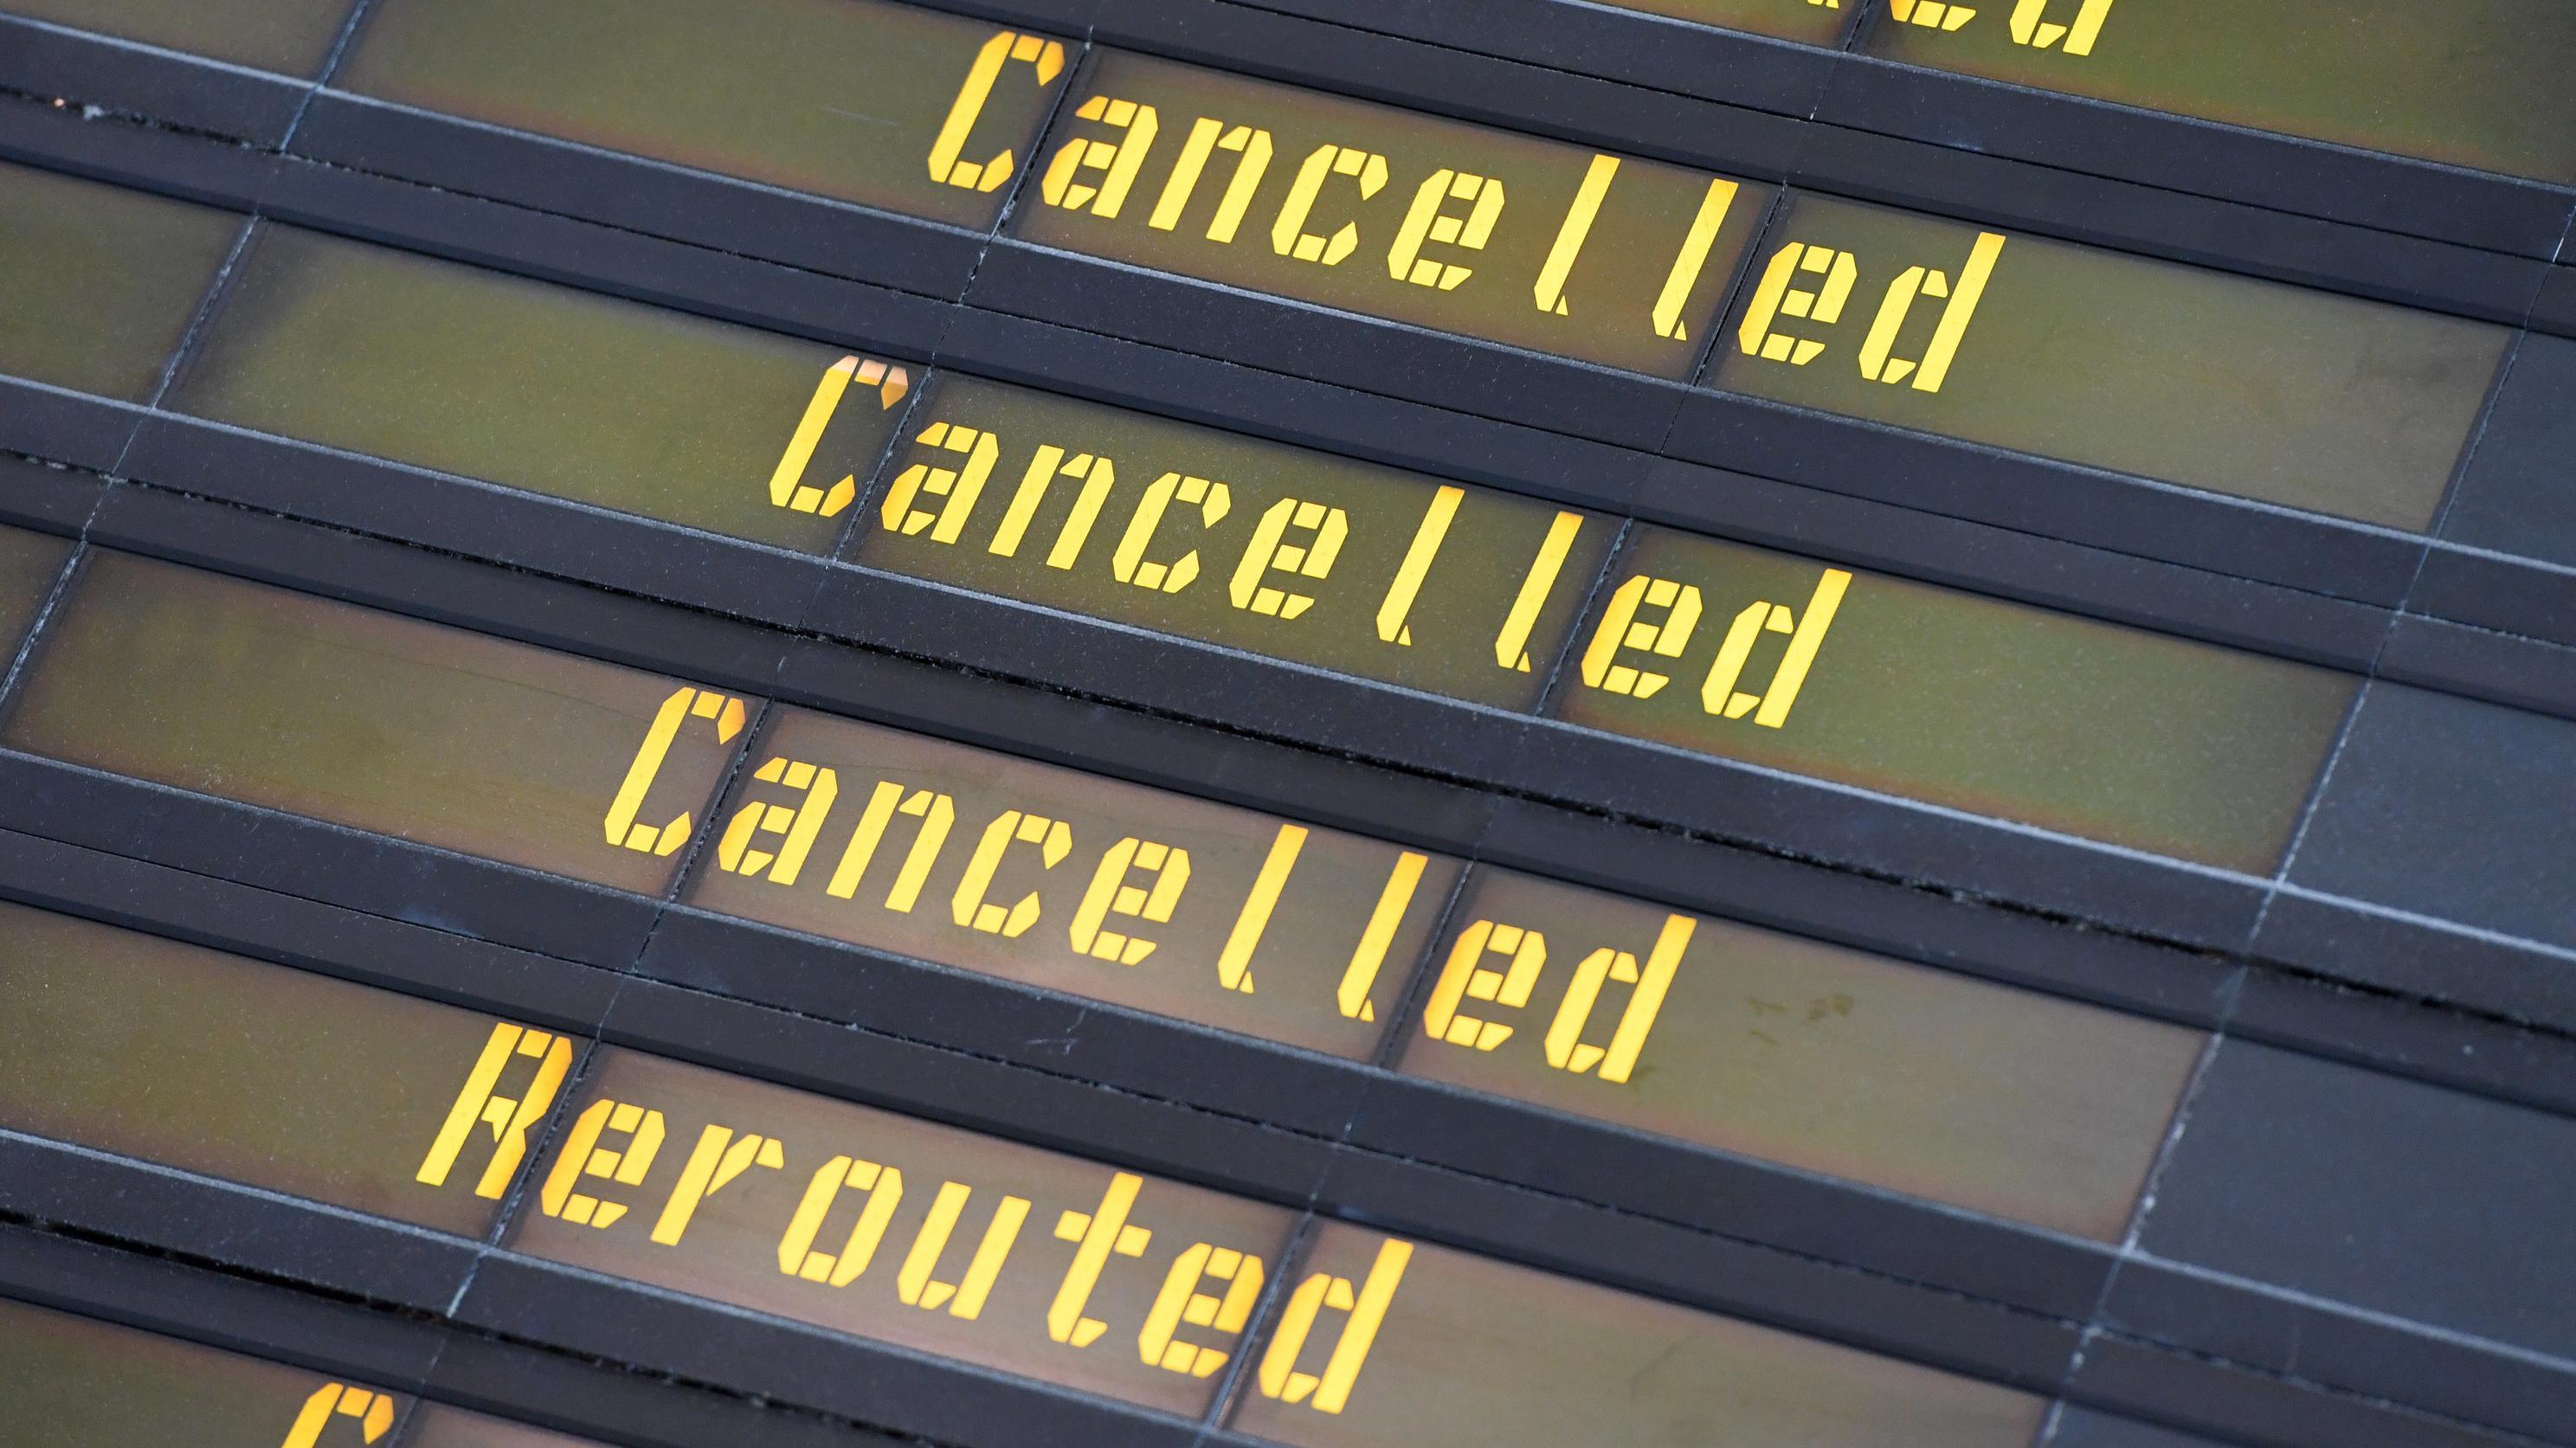 Eine Anzeigetafel weist auf Flugausfälle hin